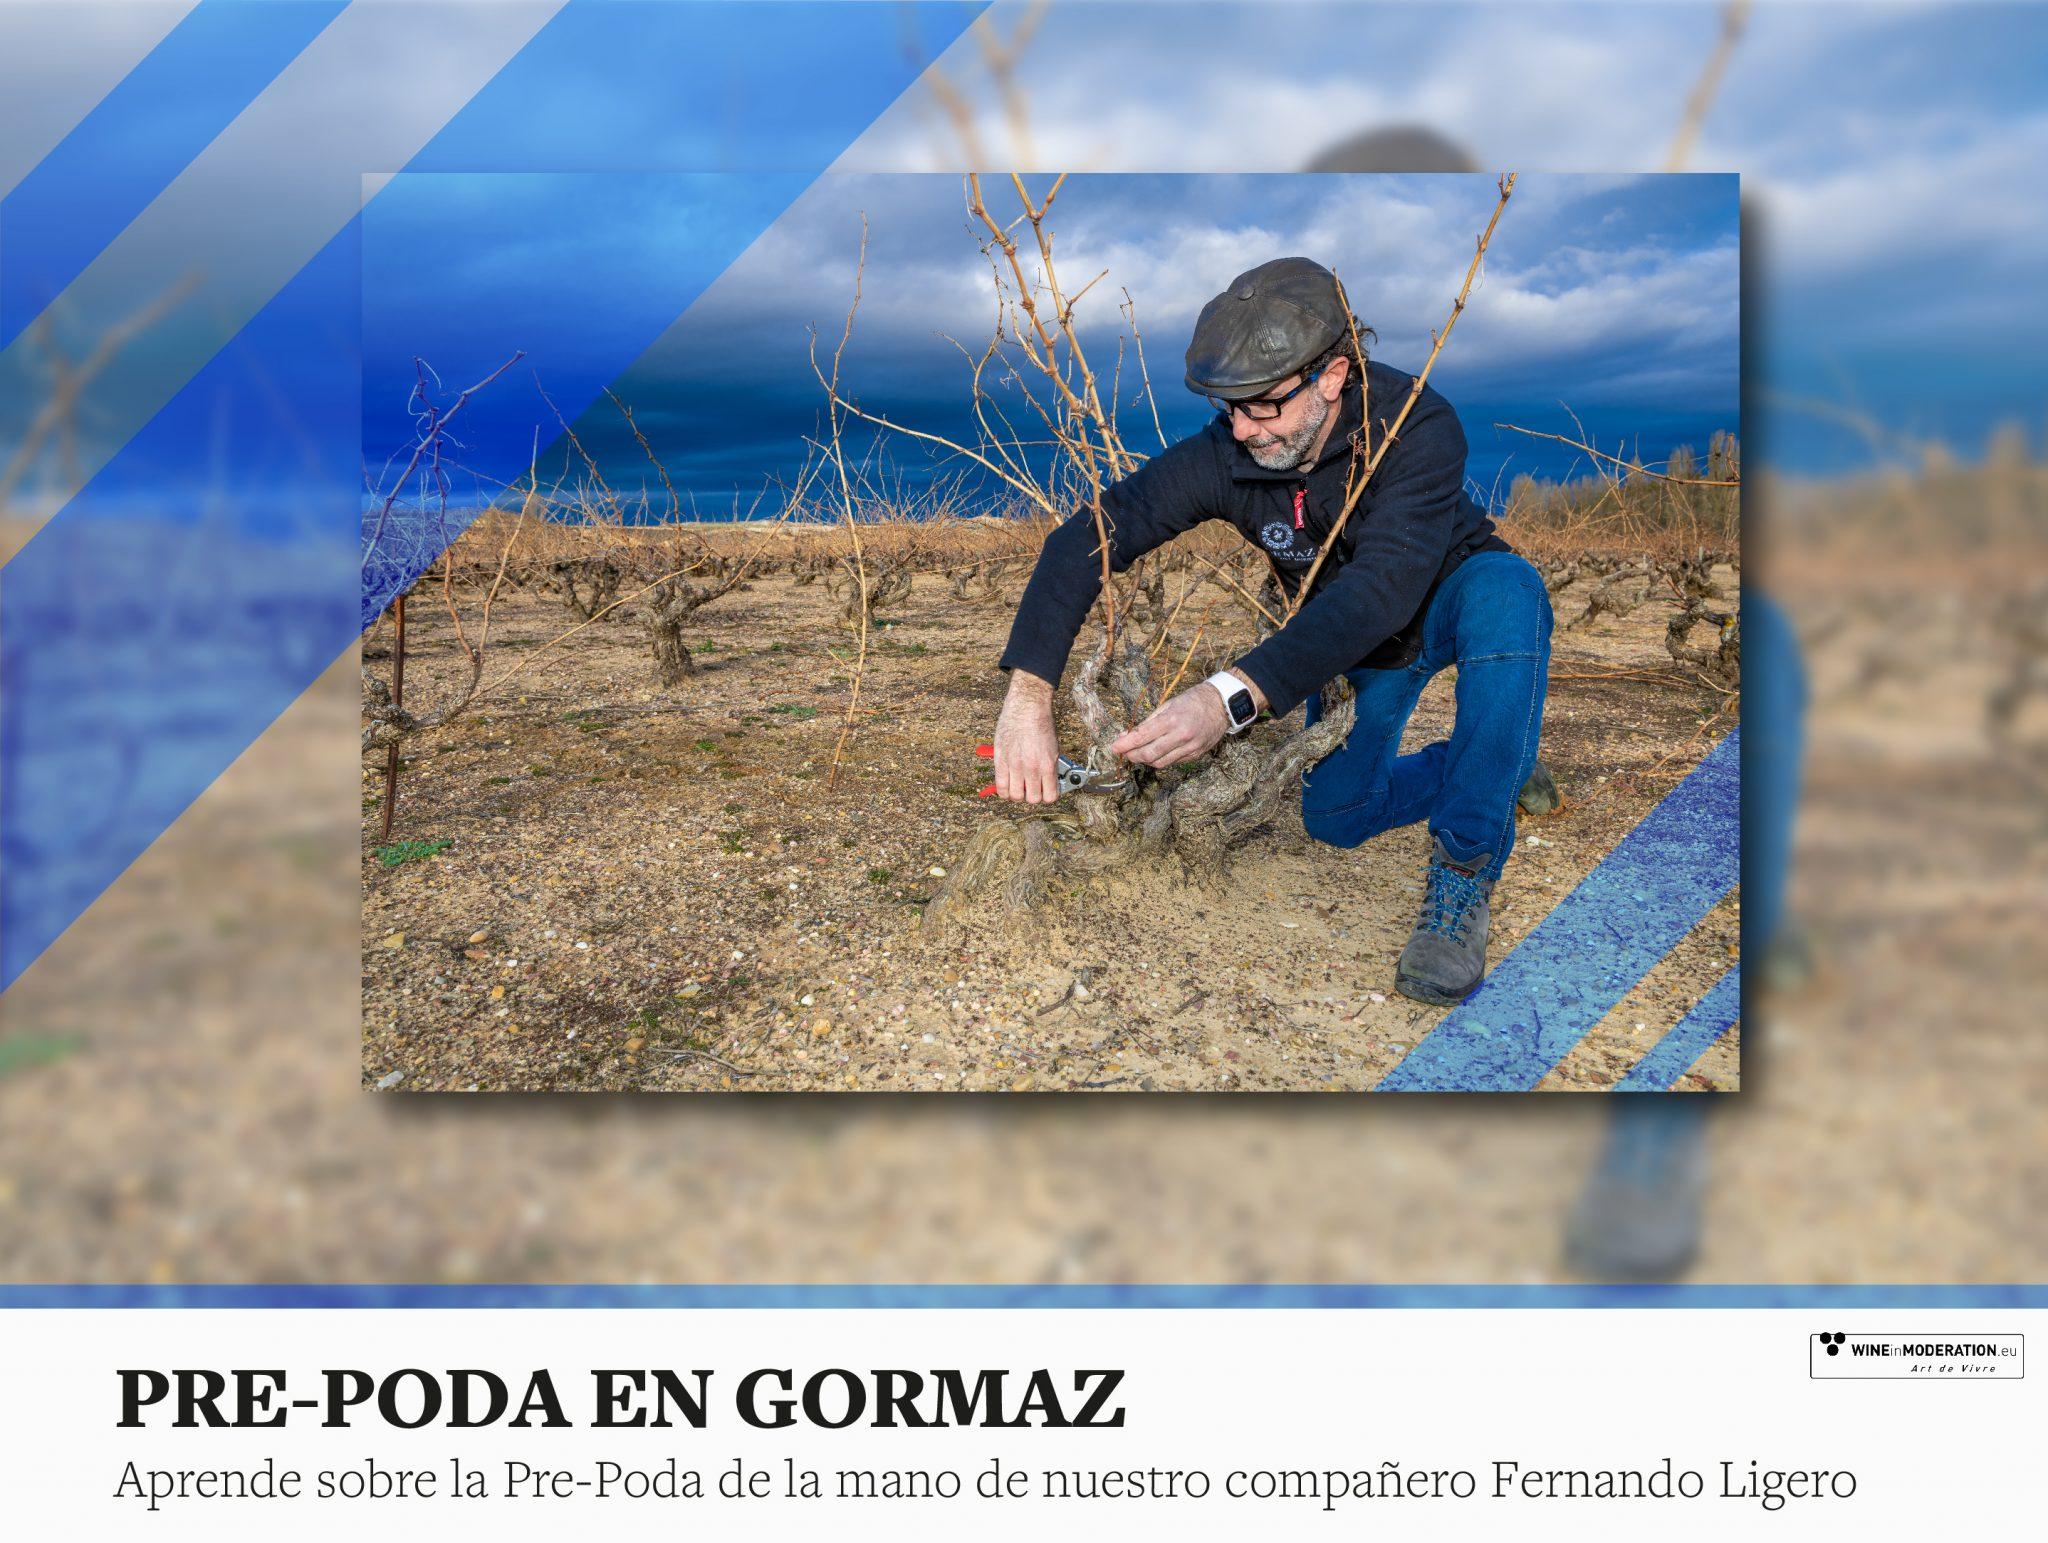 Tiempo de pre-poda en Gormaz